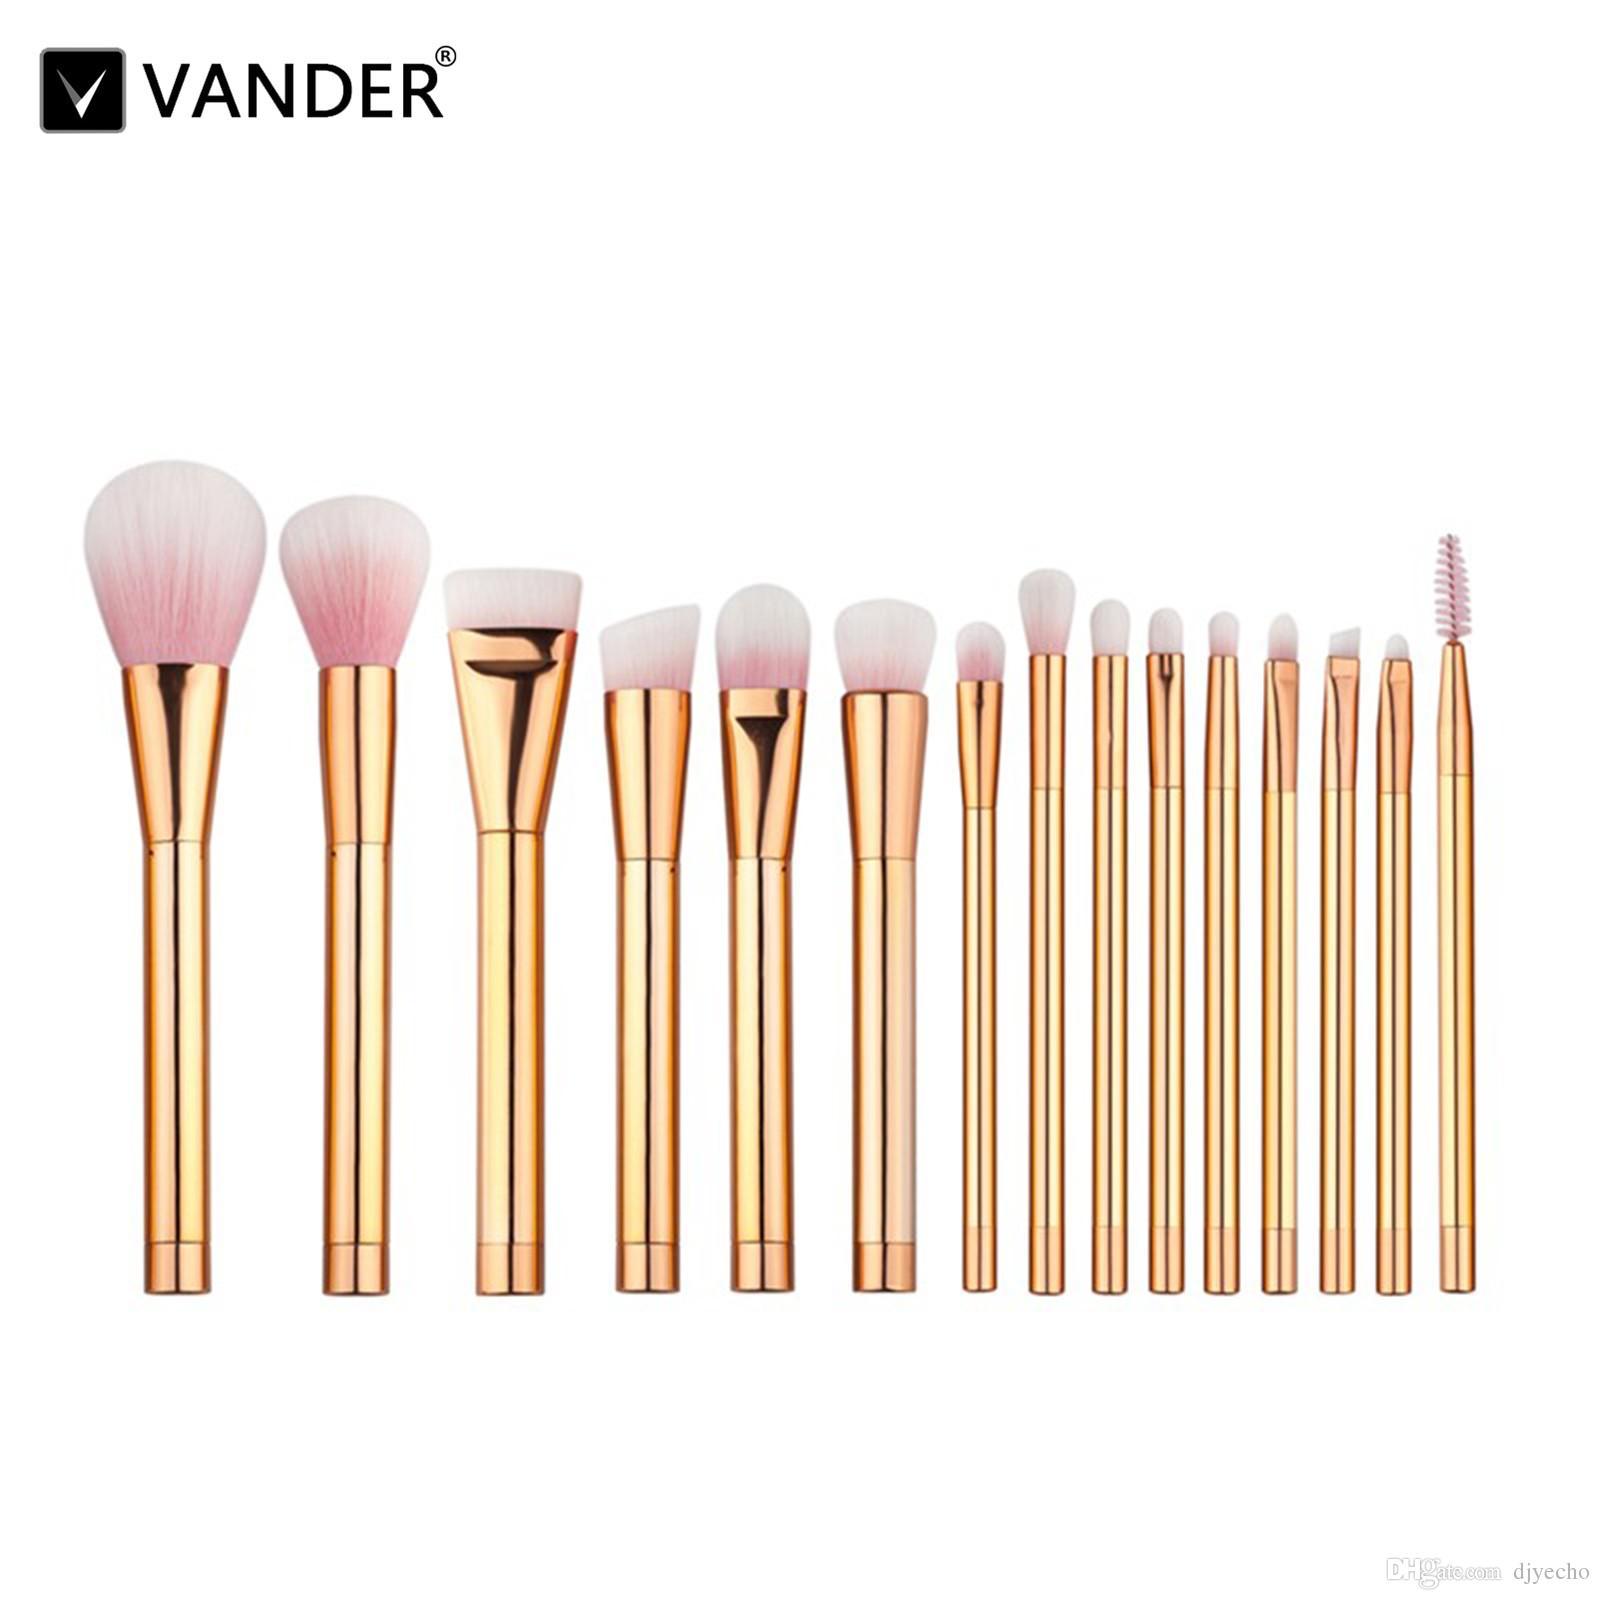 VANDER 15Pcs Kit de pinceaux de maquillage professionnel